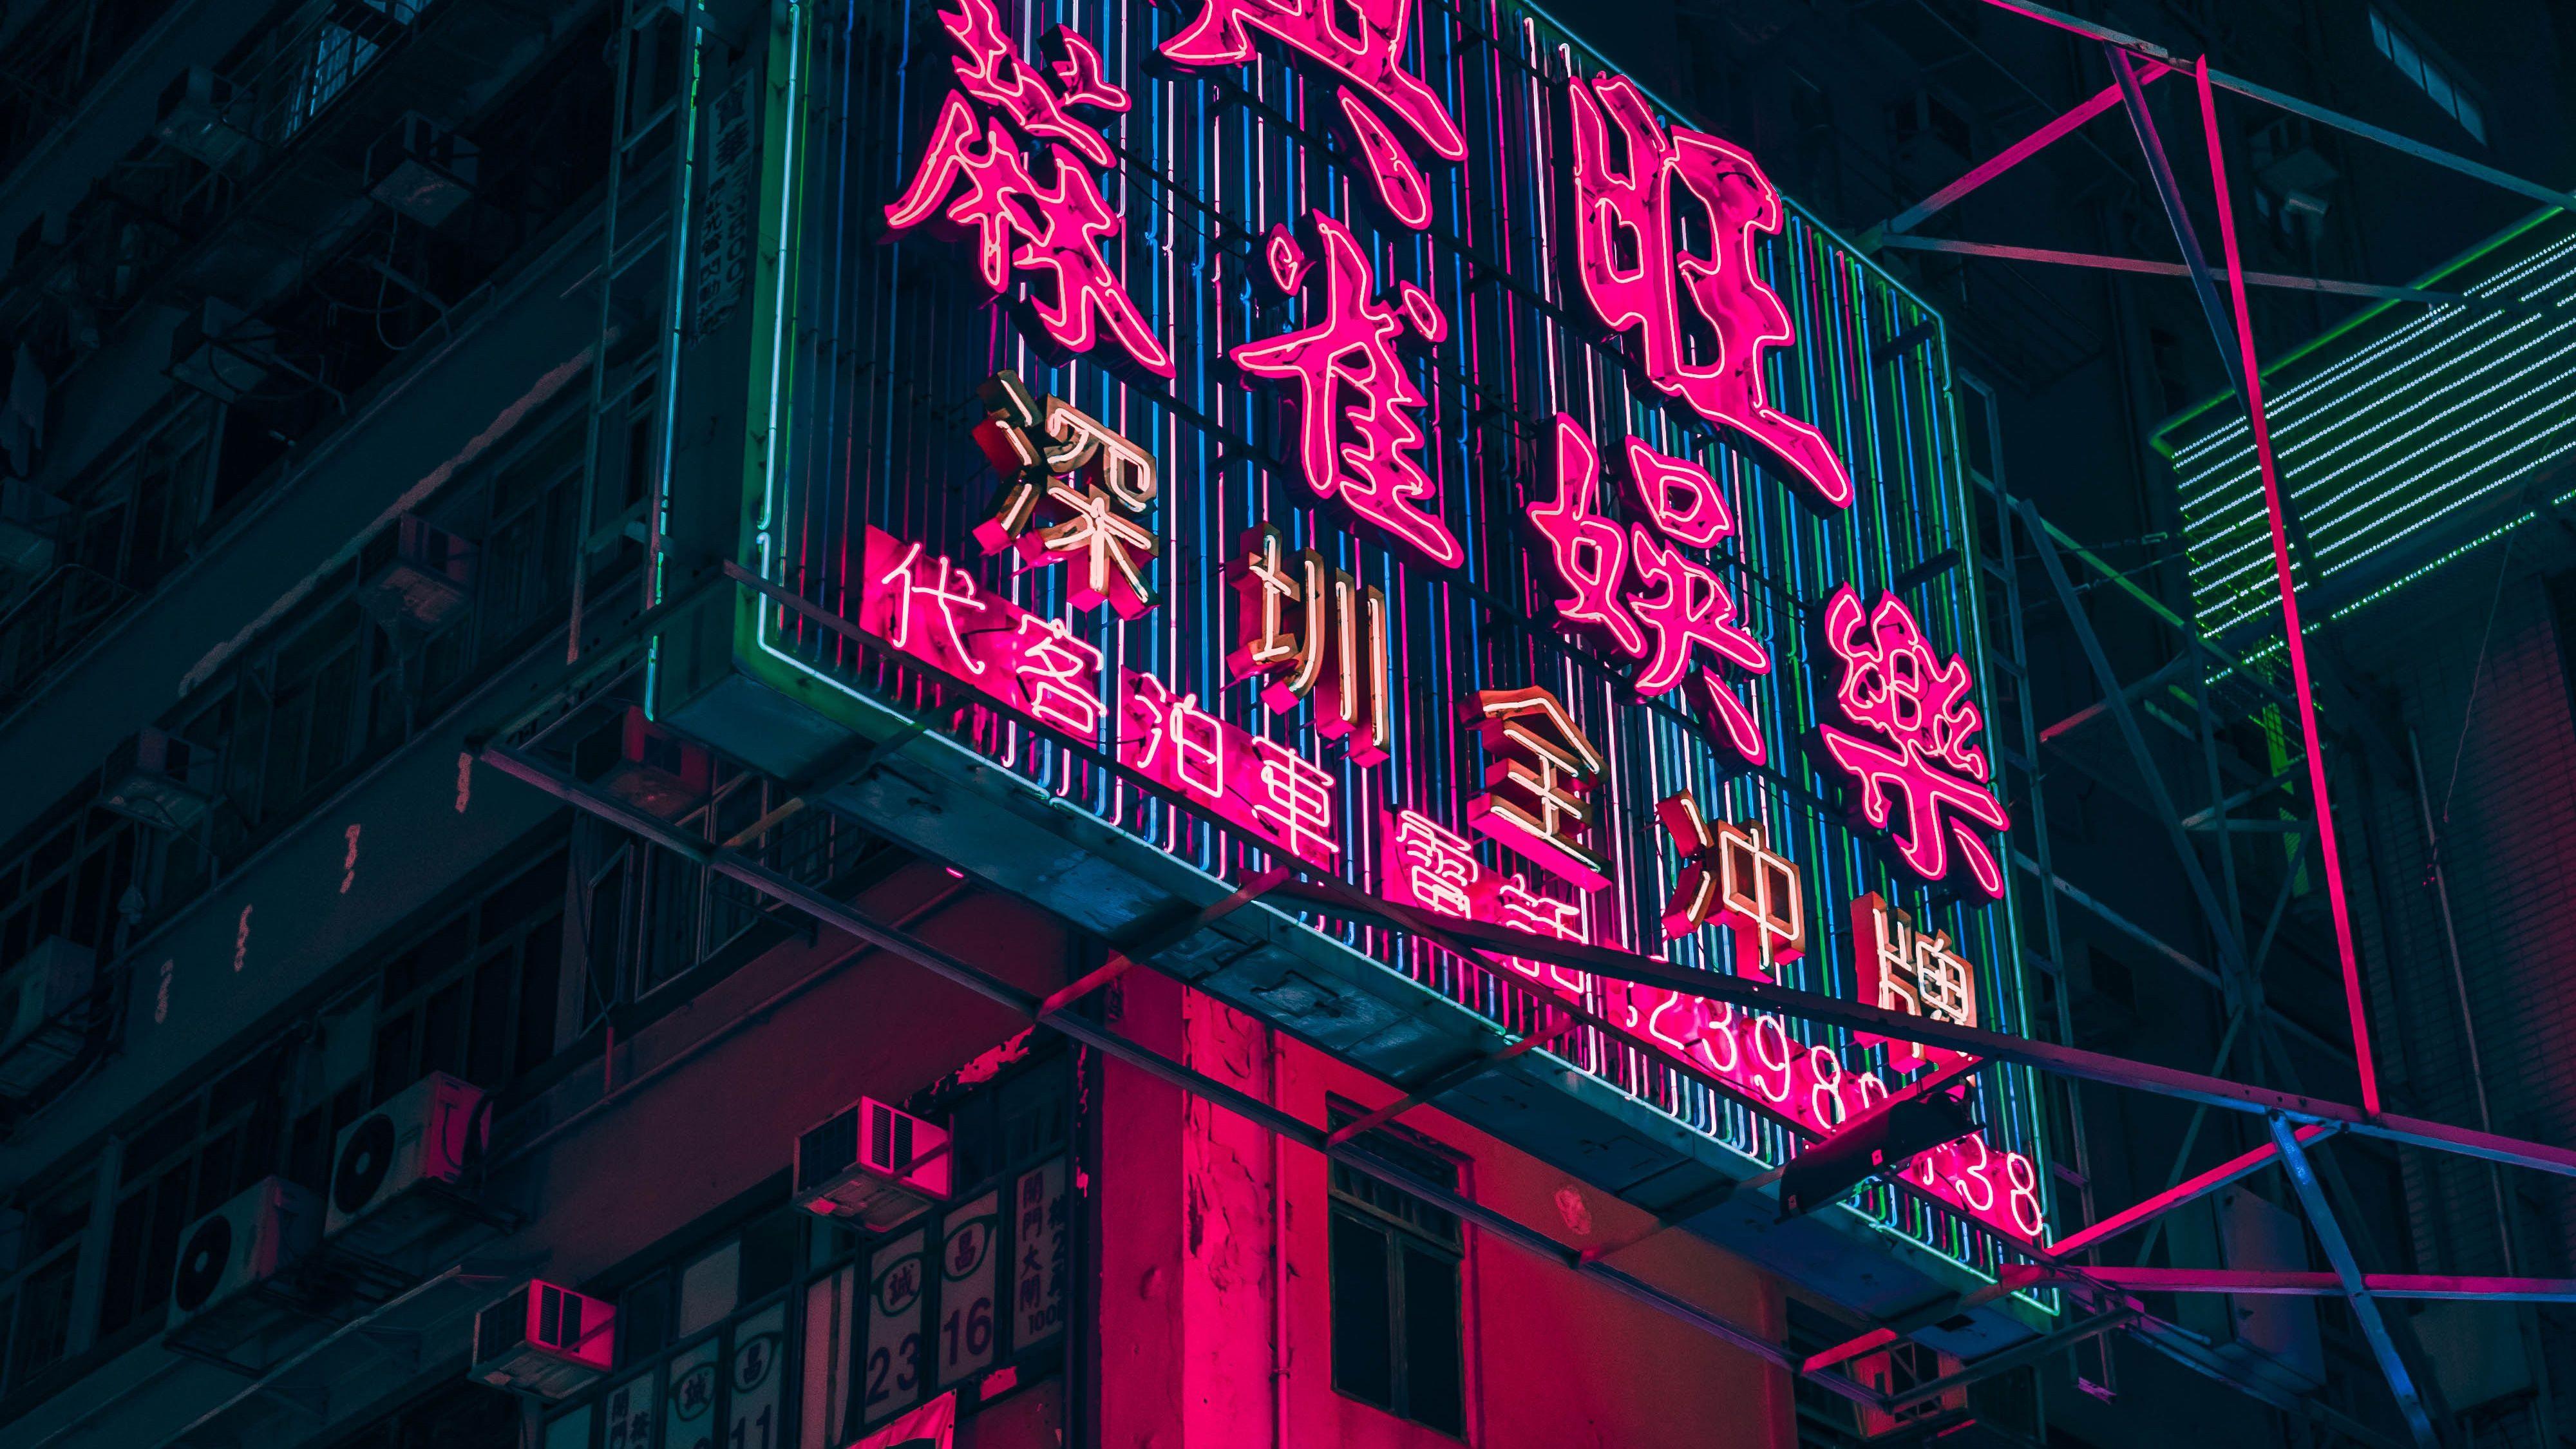 Aesthetic Wallpaper City In 2020 Neon Neon Wallpaper City